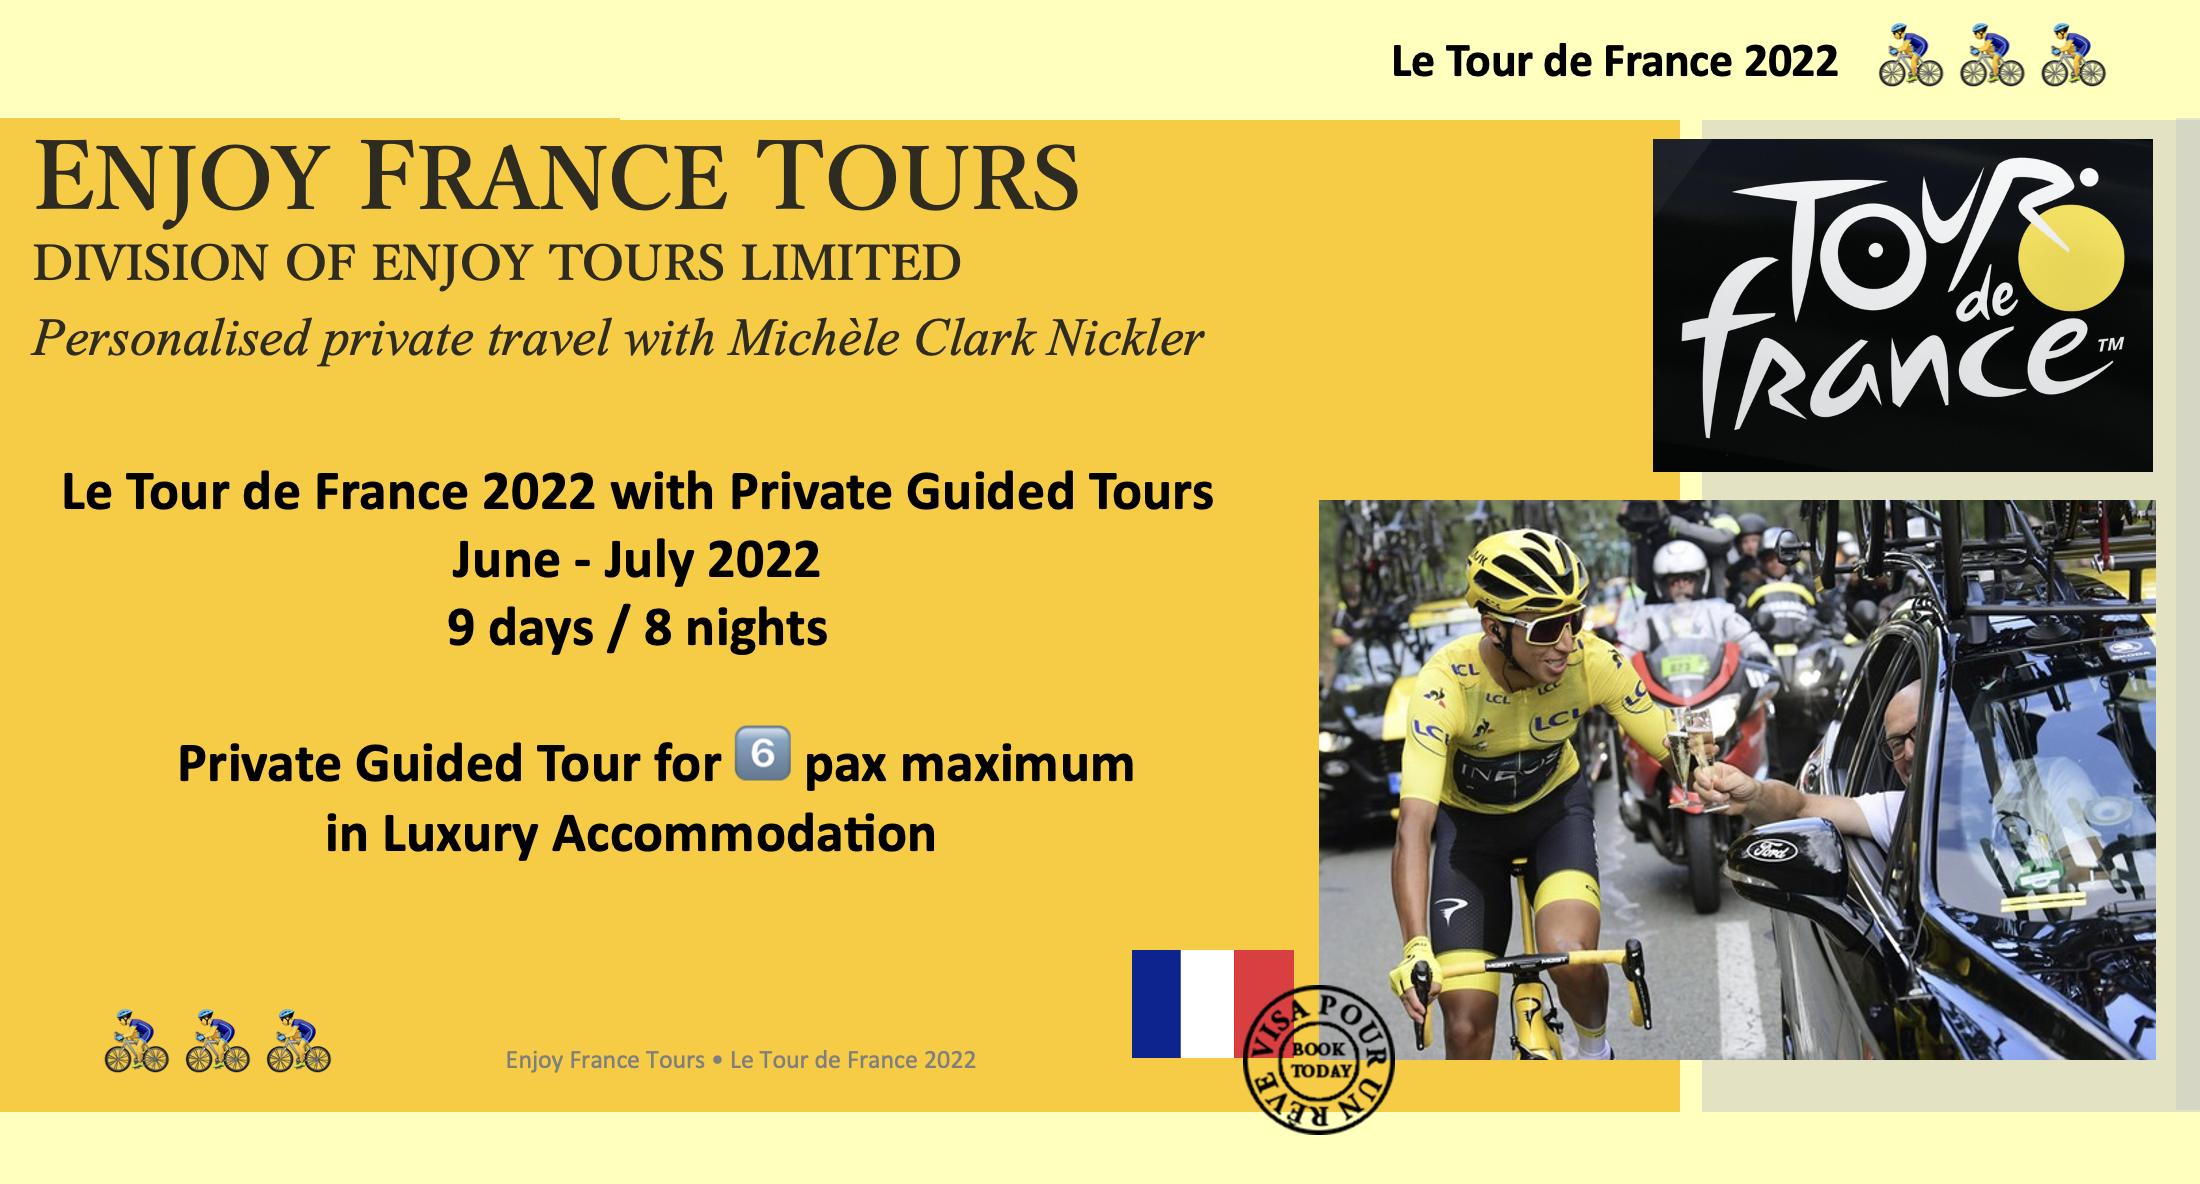 Enjoy France Tours TDF Website 2022 Pg 1